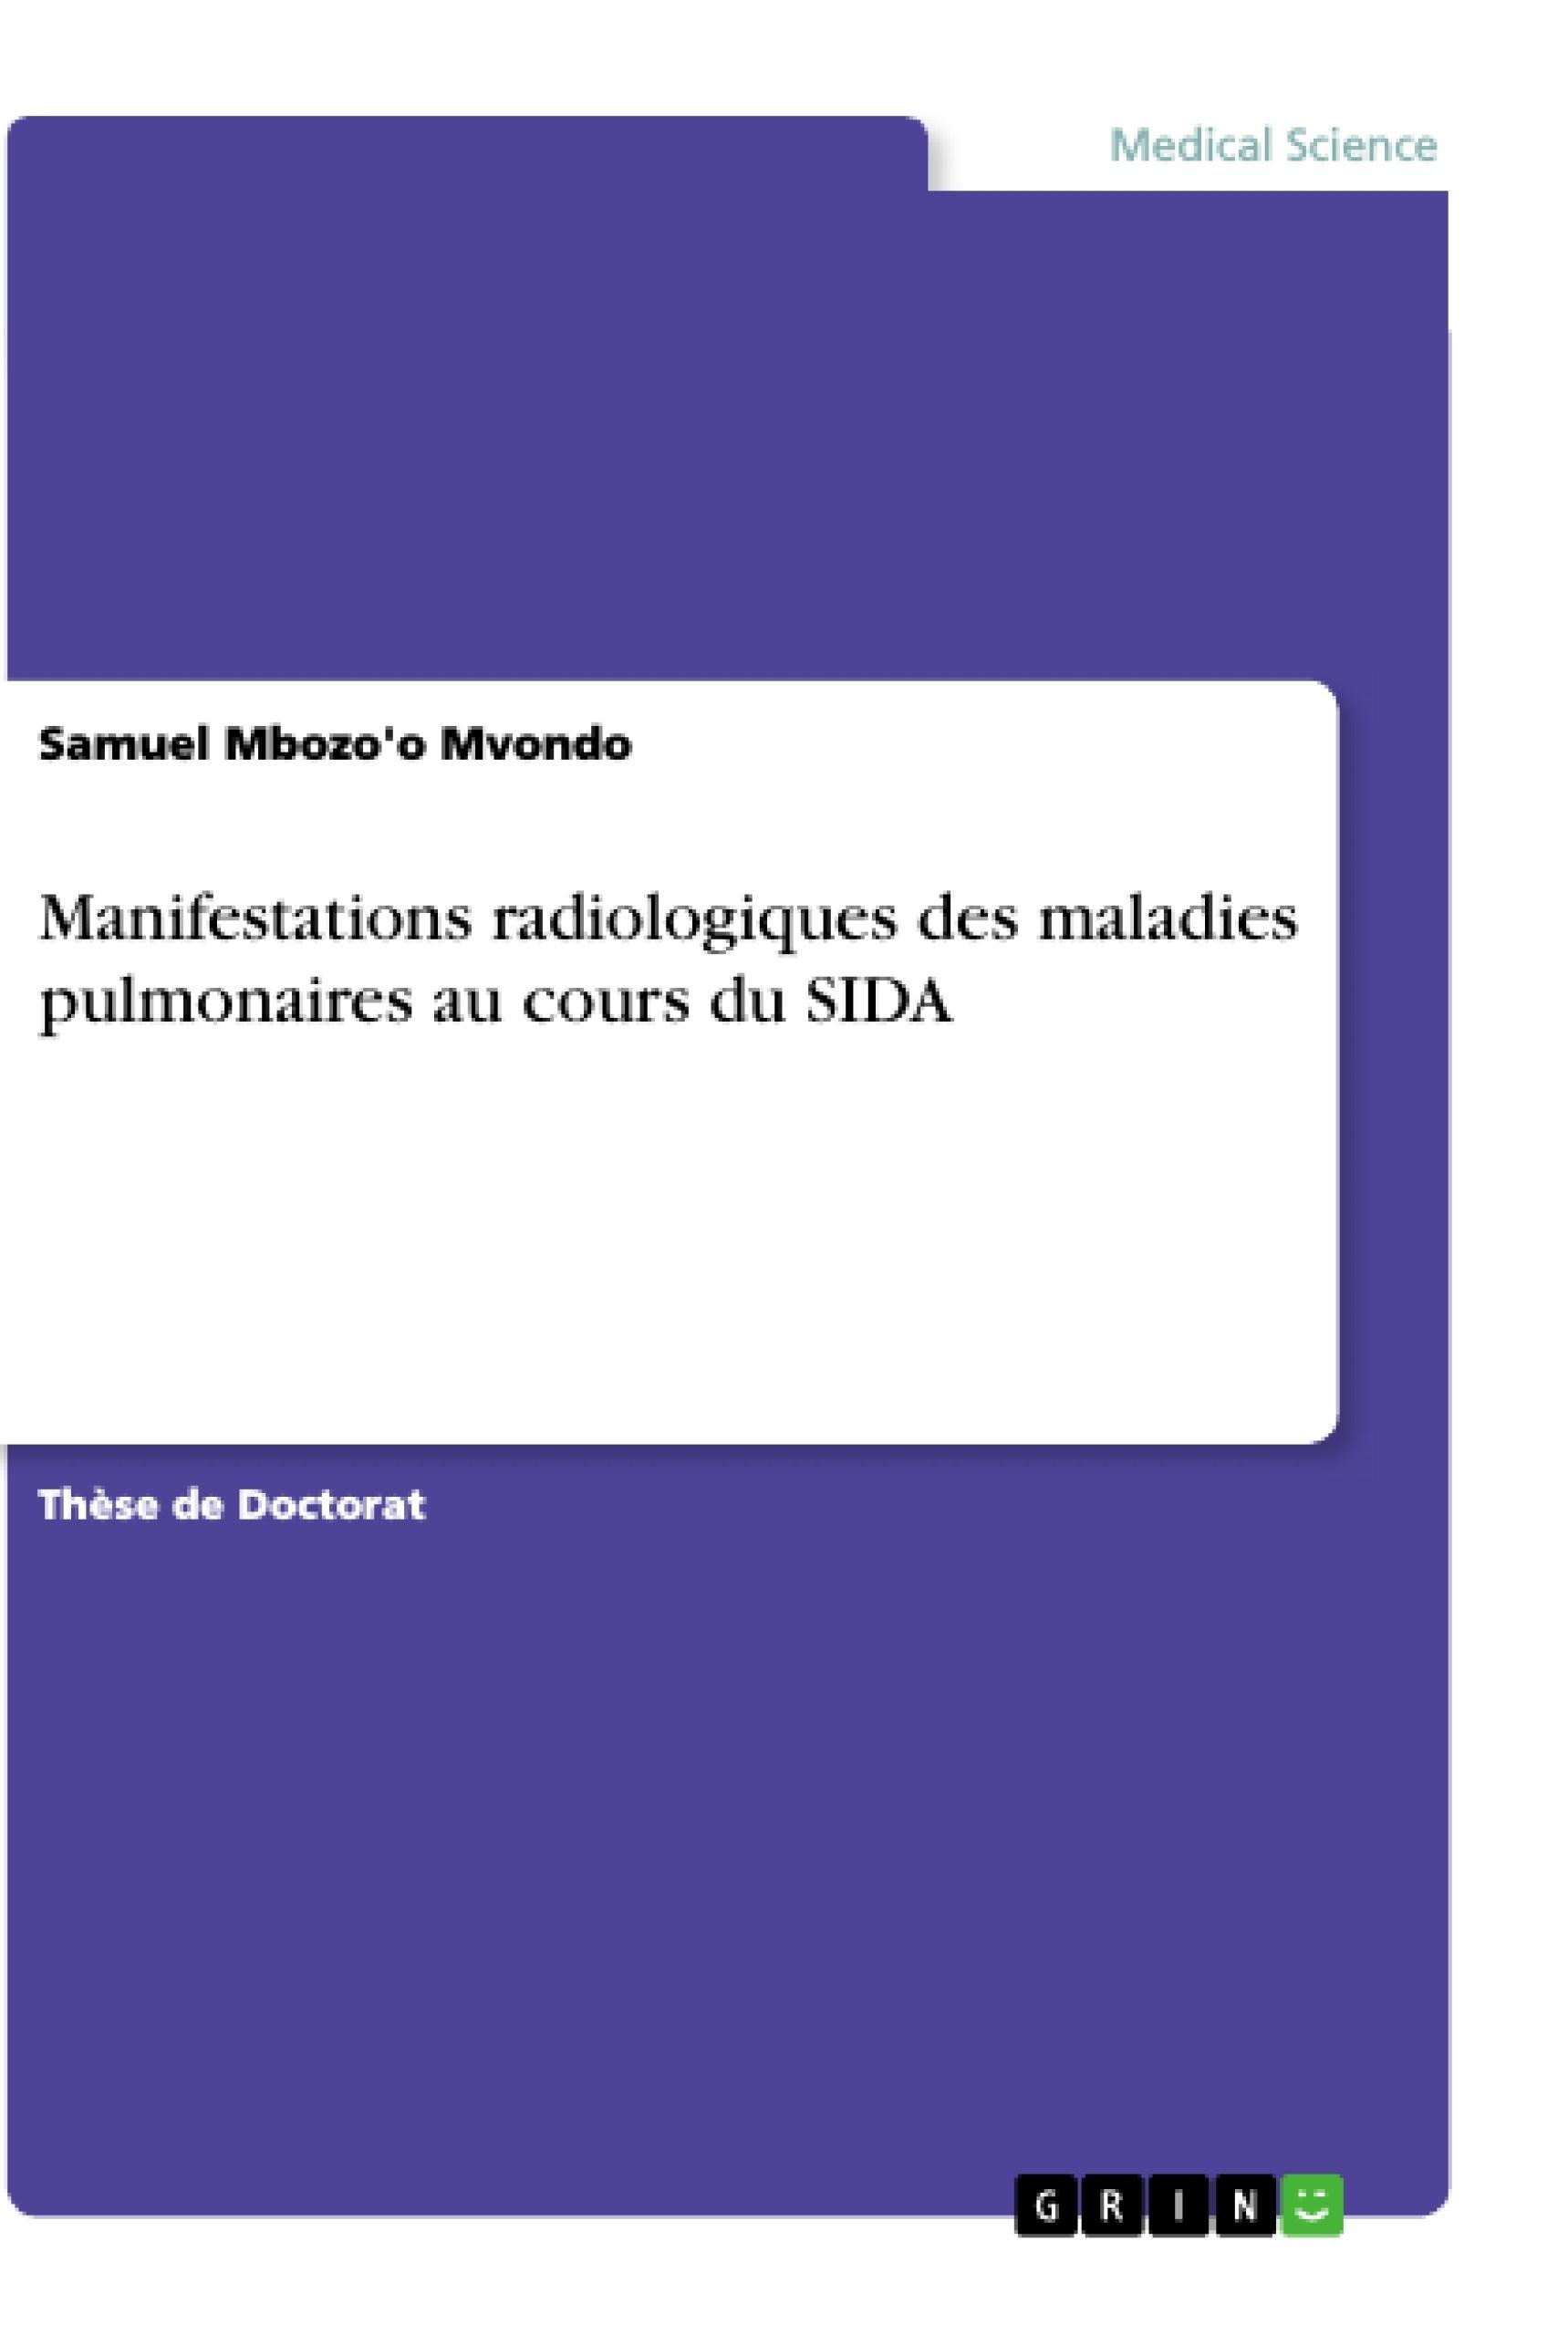 Titre: Manifestations radiologiques des maladies pulmonaires au cours du SIDA